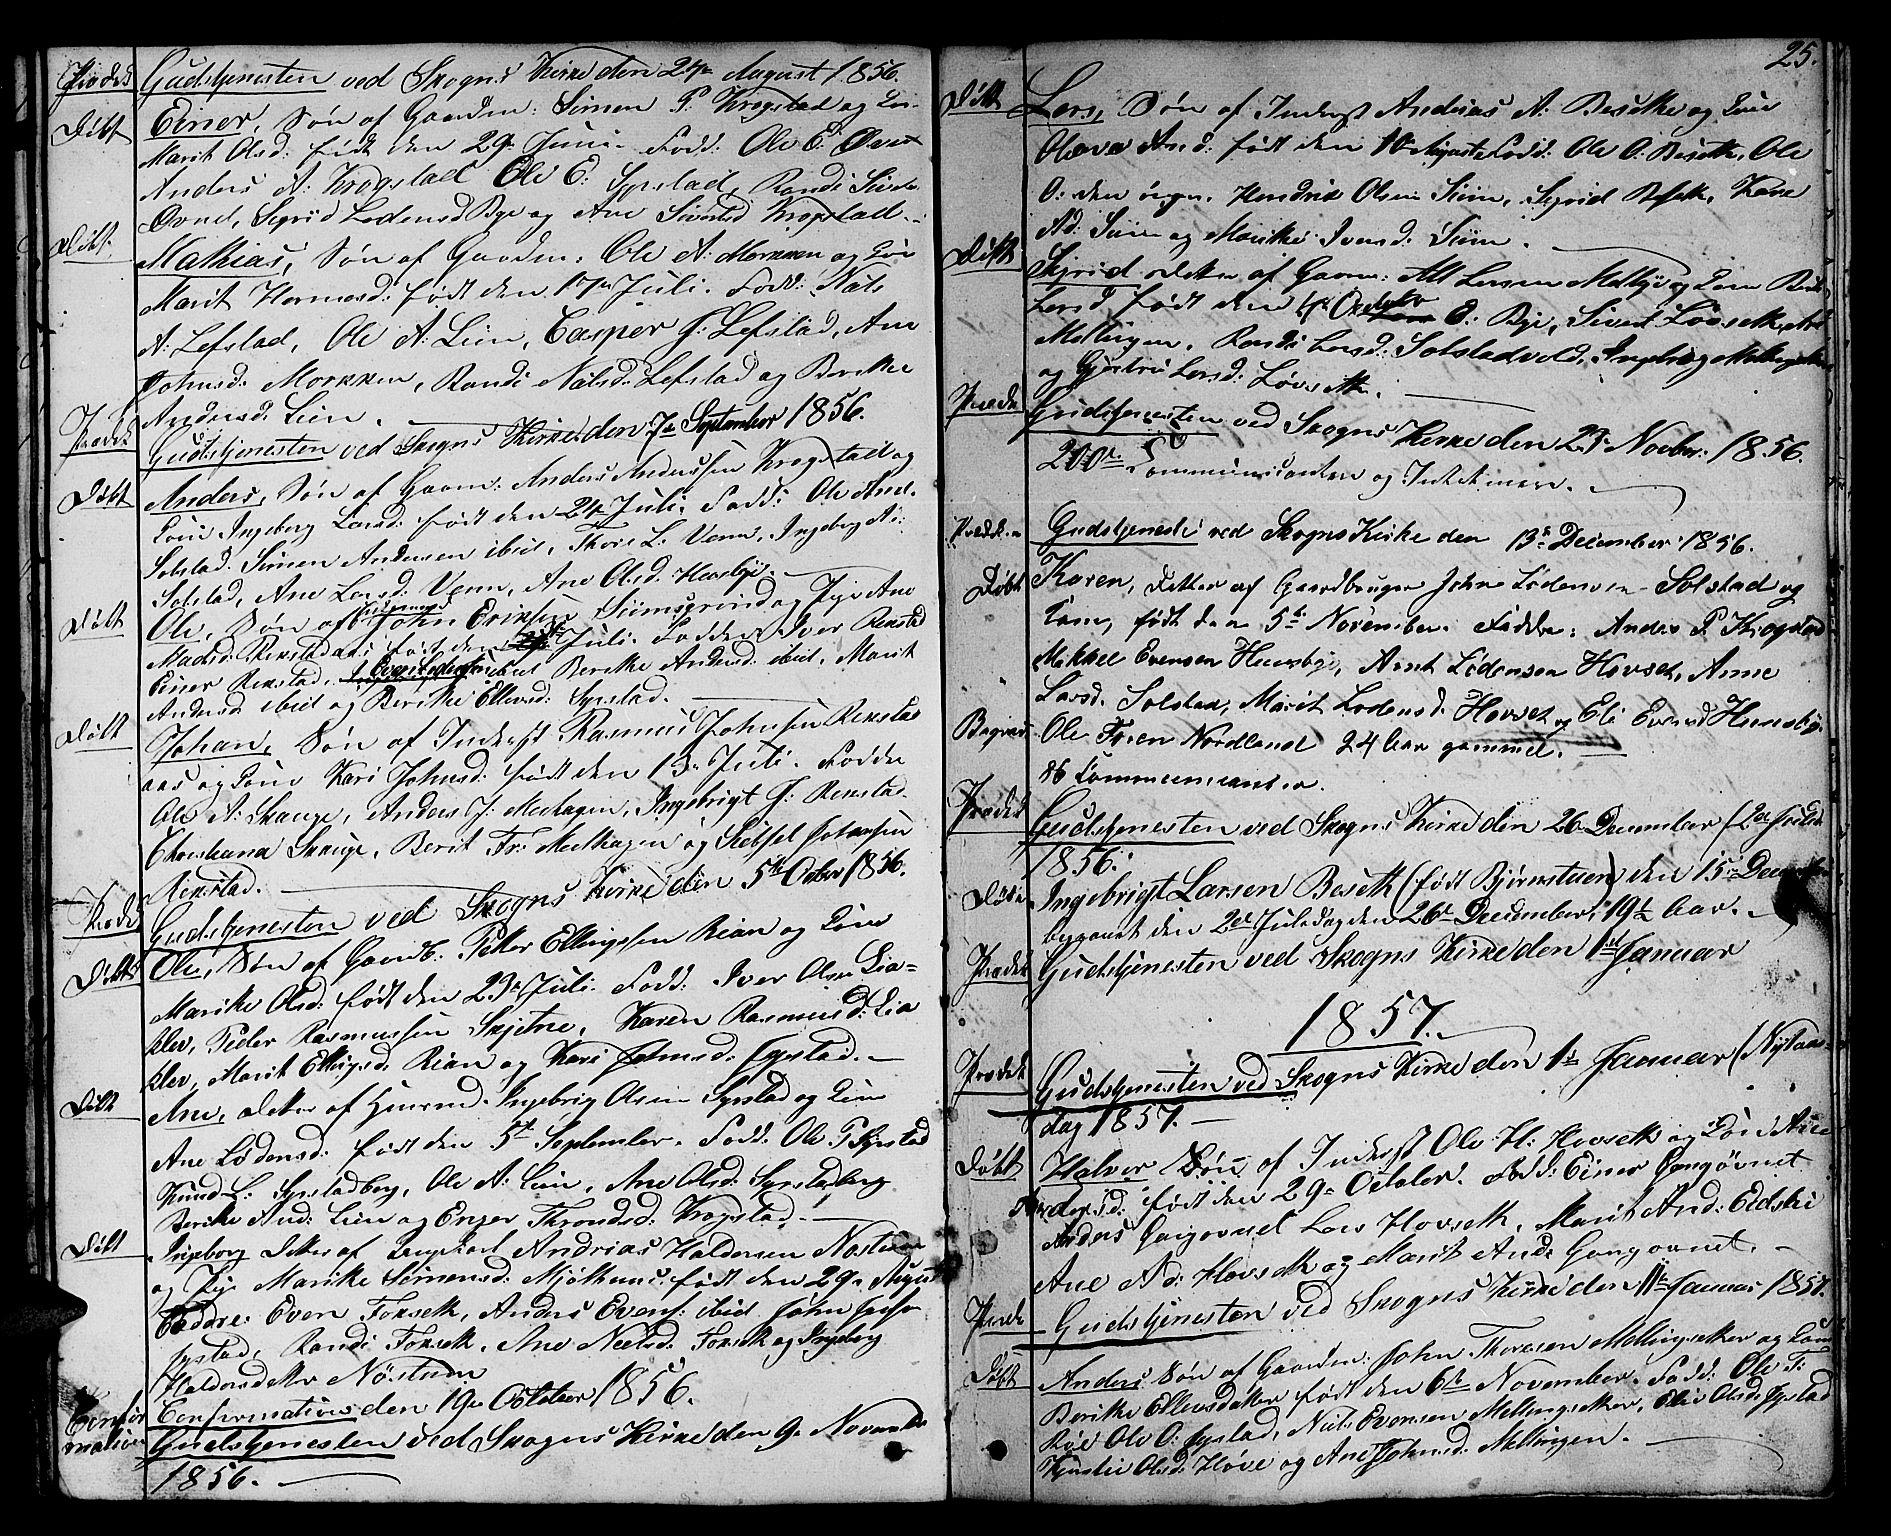 SAT, Ministerialprotokoller, klokkerbøker og fødselsregistre - Sør-Trøndelag, 667/L0797: Klokkerbok nr. 667C02, 1849-1867, s. 25